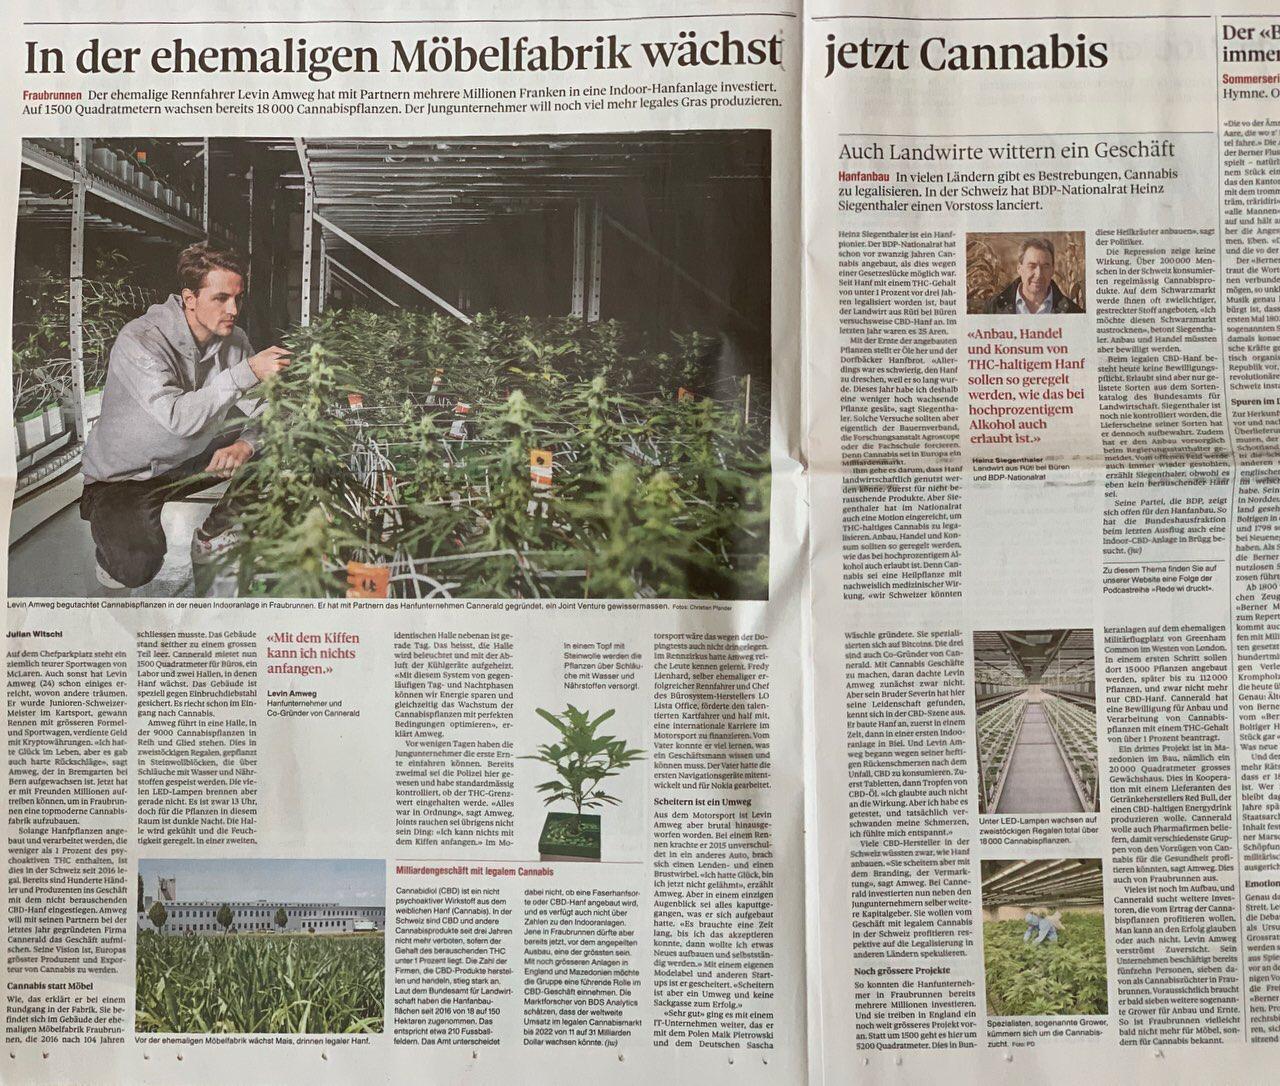 Cannerald in der Berner Zeitung